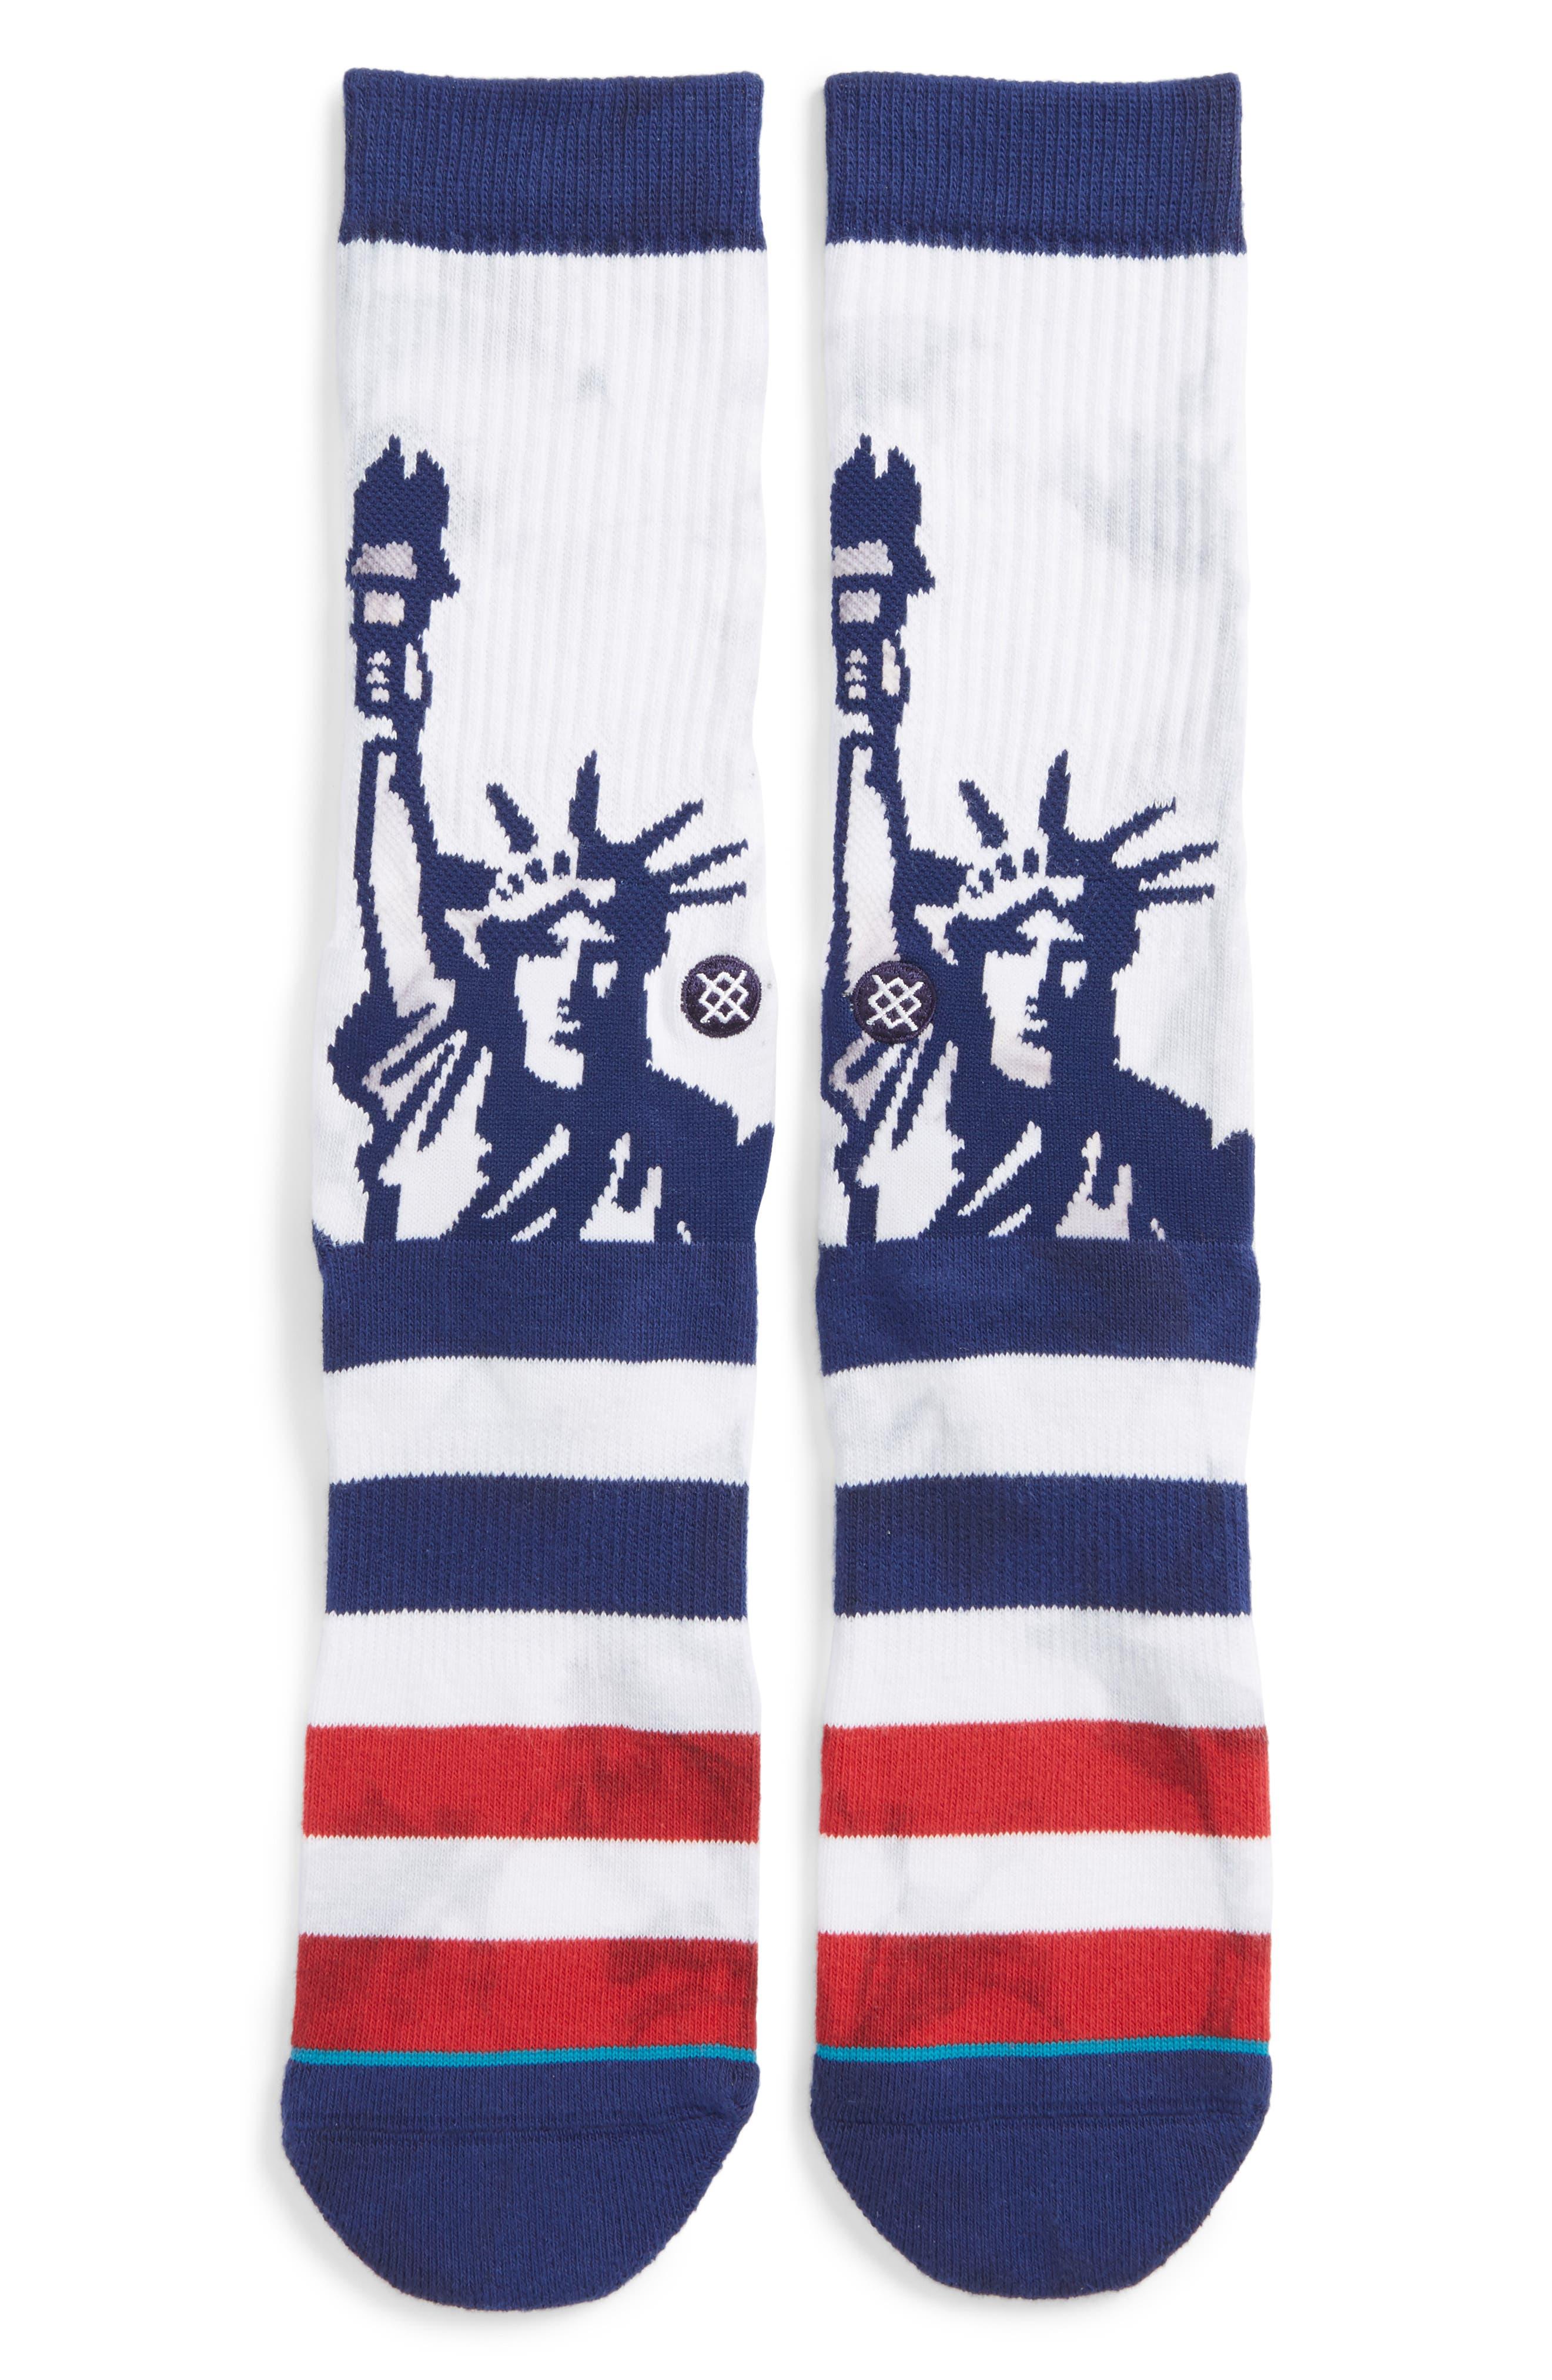 Liberties Crew Socks,                             Main thumbnail 1, color,                             White/ Blue Multi